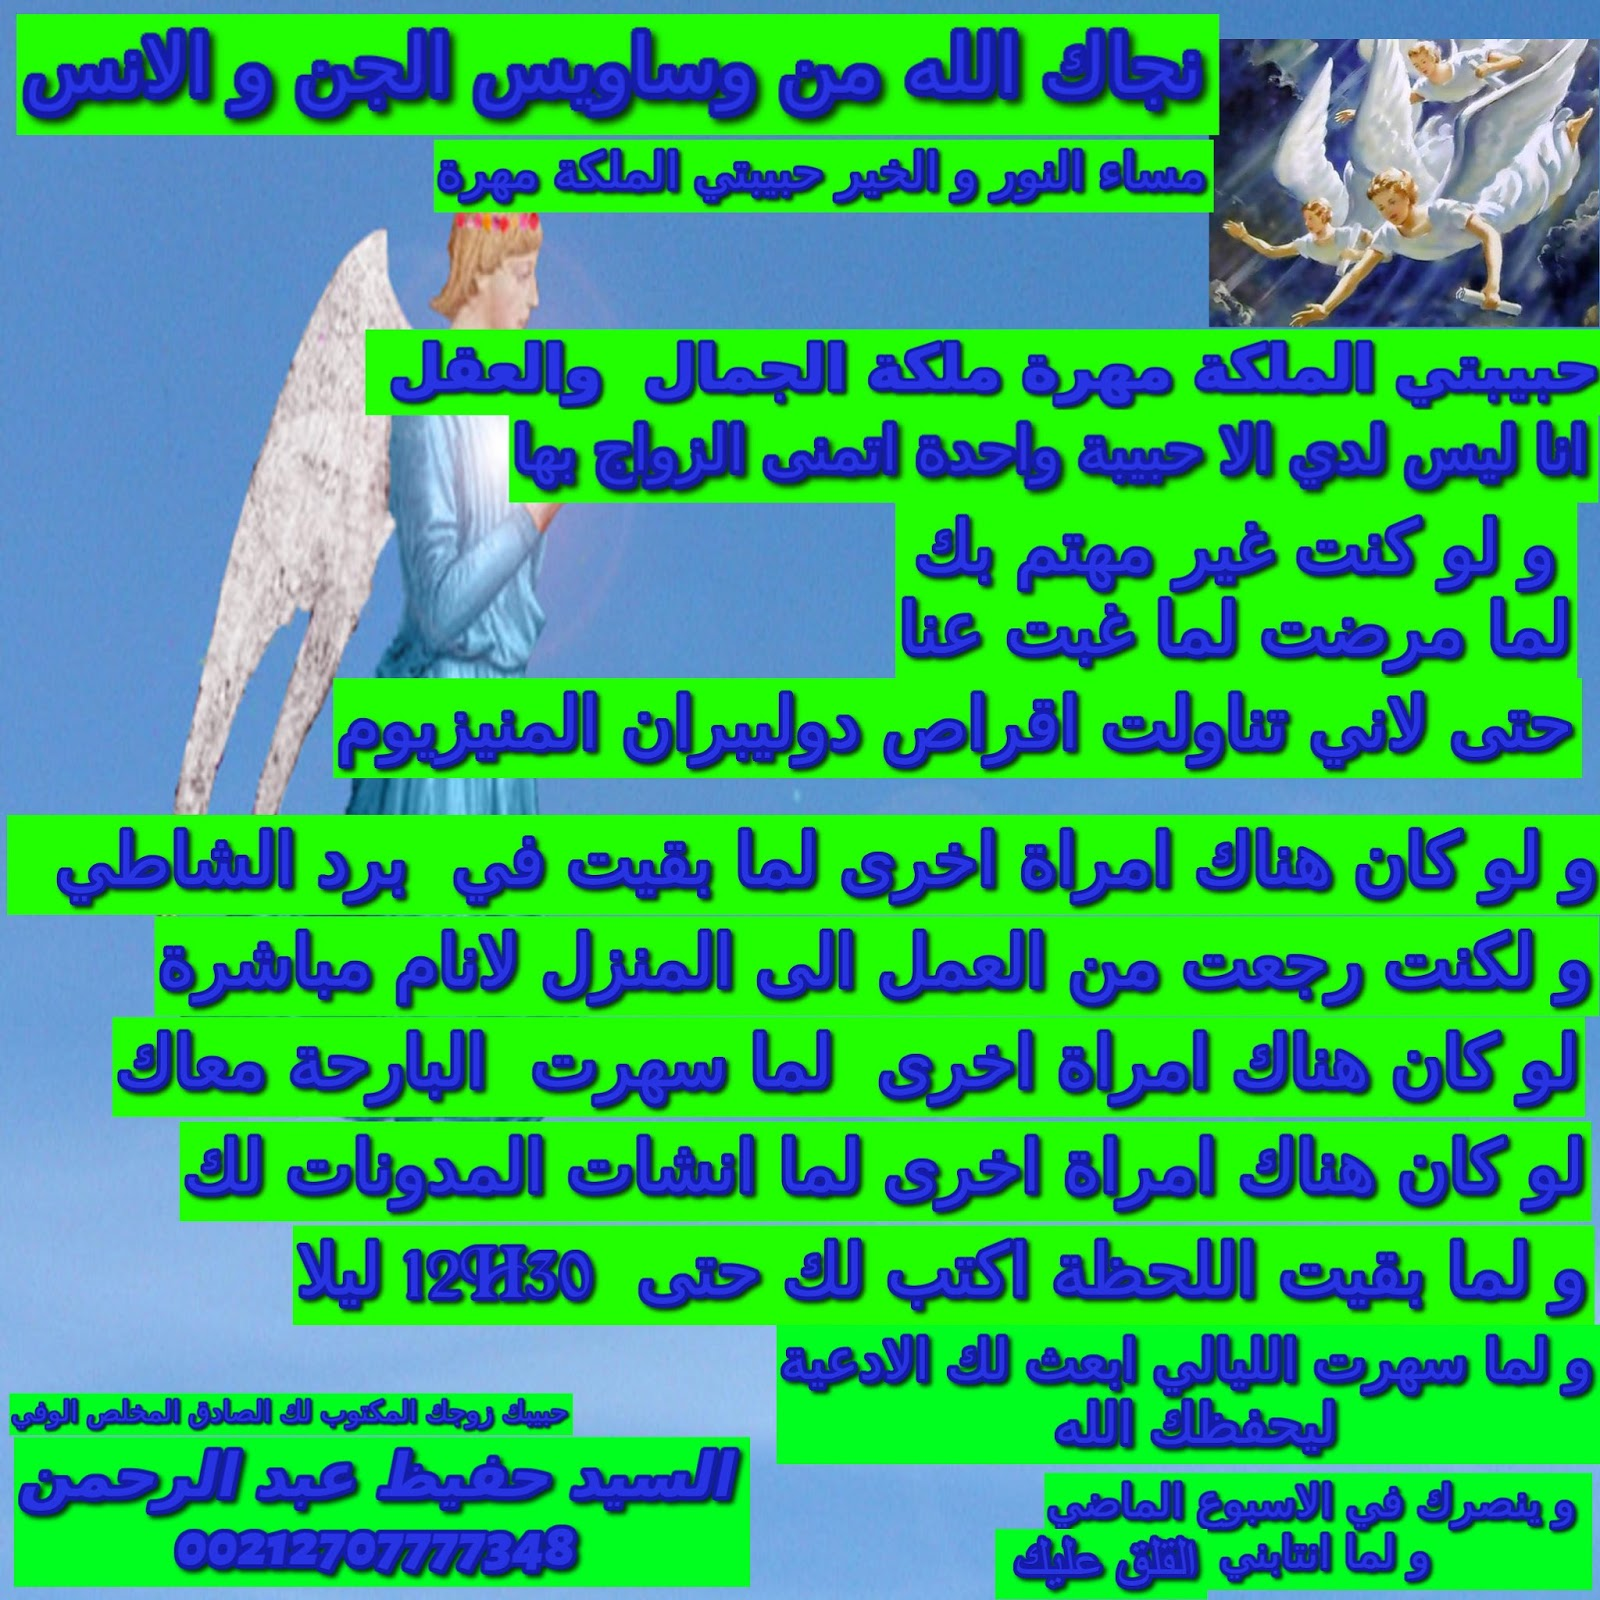 موقع جديد حبا في الملكة مهرة ملكة الجمال و الحنان و الكرم و الجود